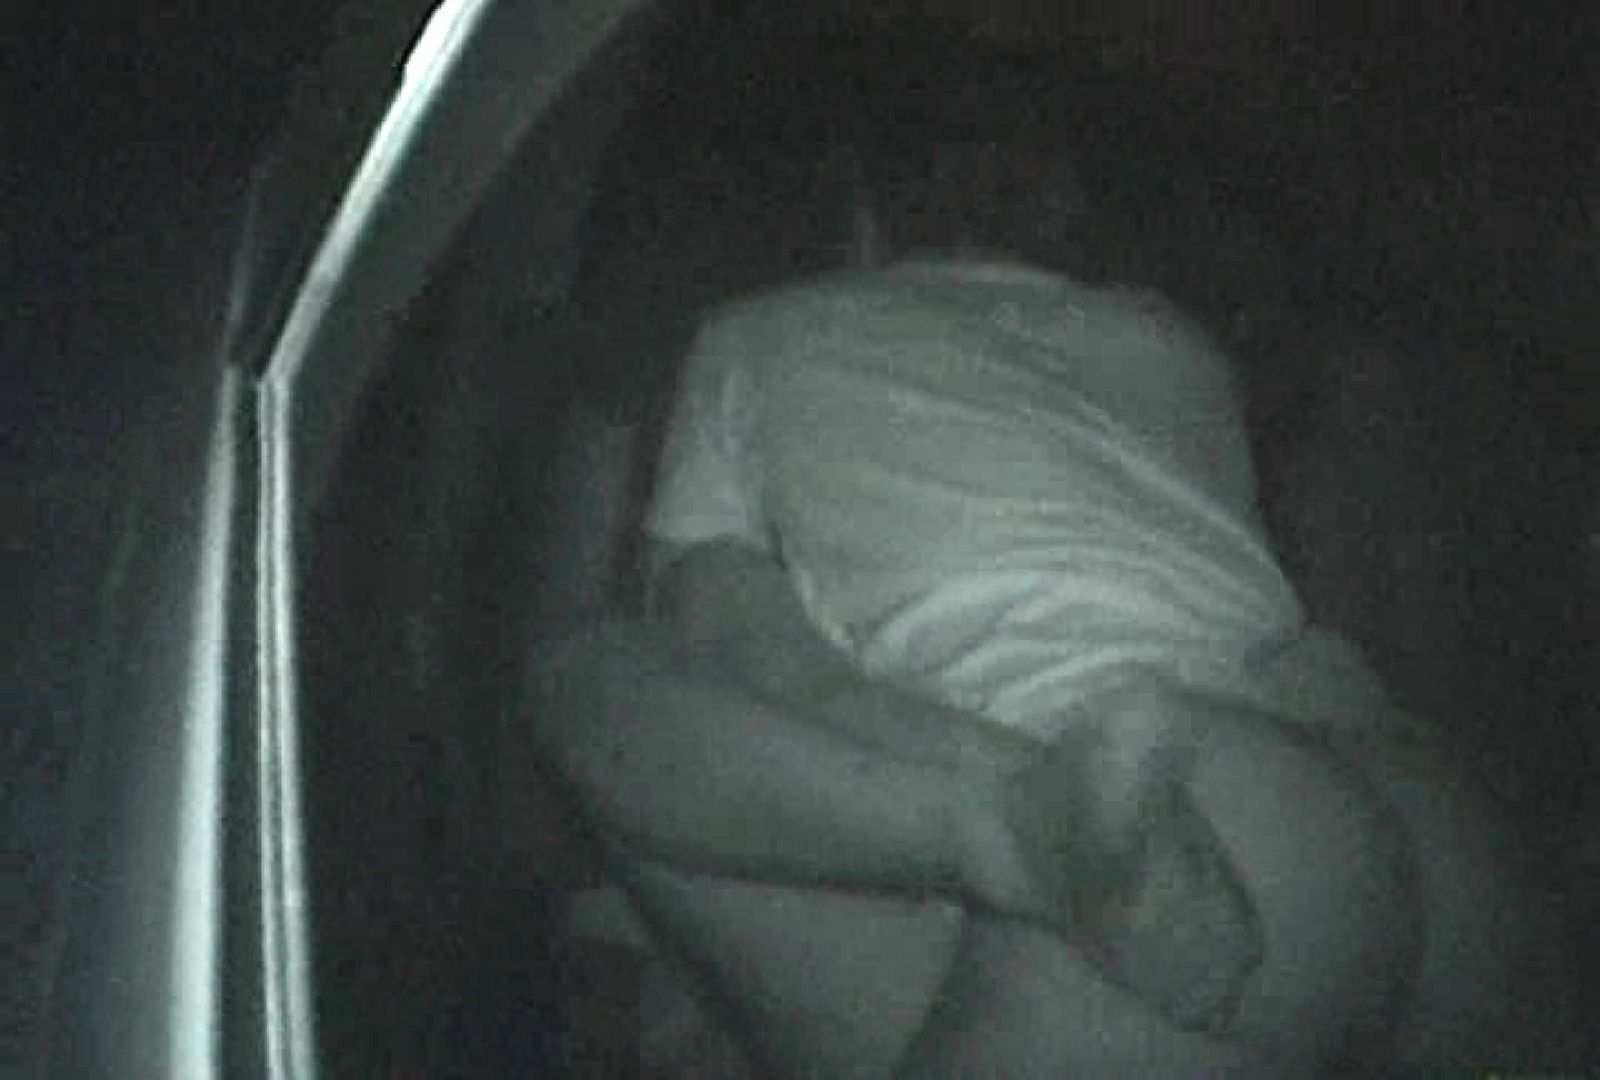 充血監督の深夜の運動会Vol.47 マンコ・ムレムレ | セックス  72pic 61